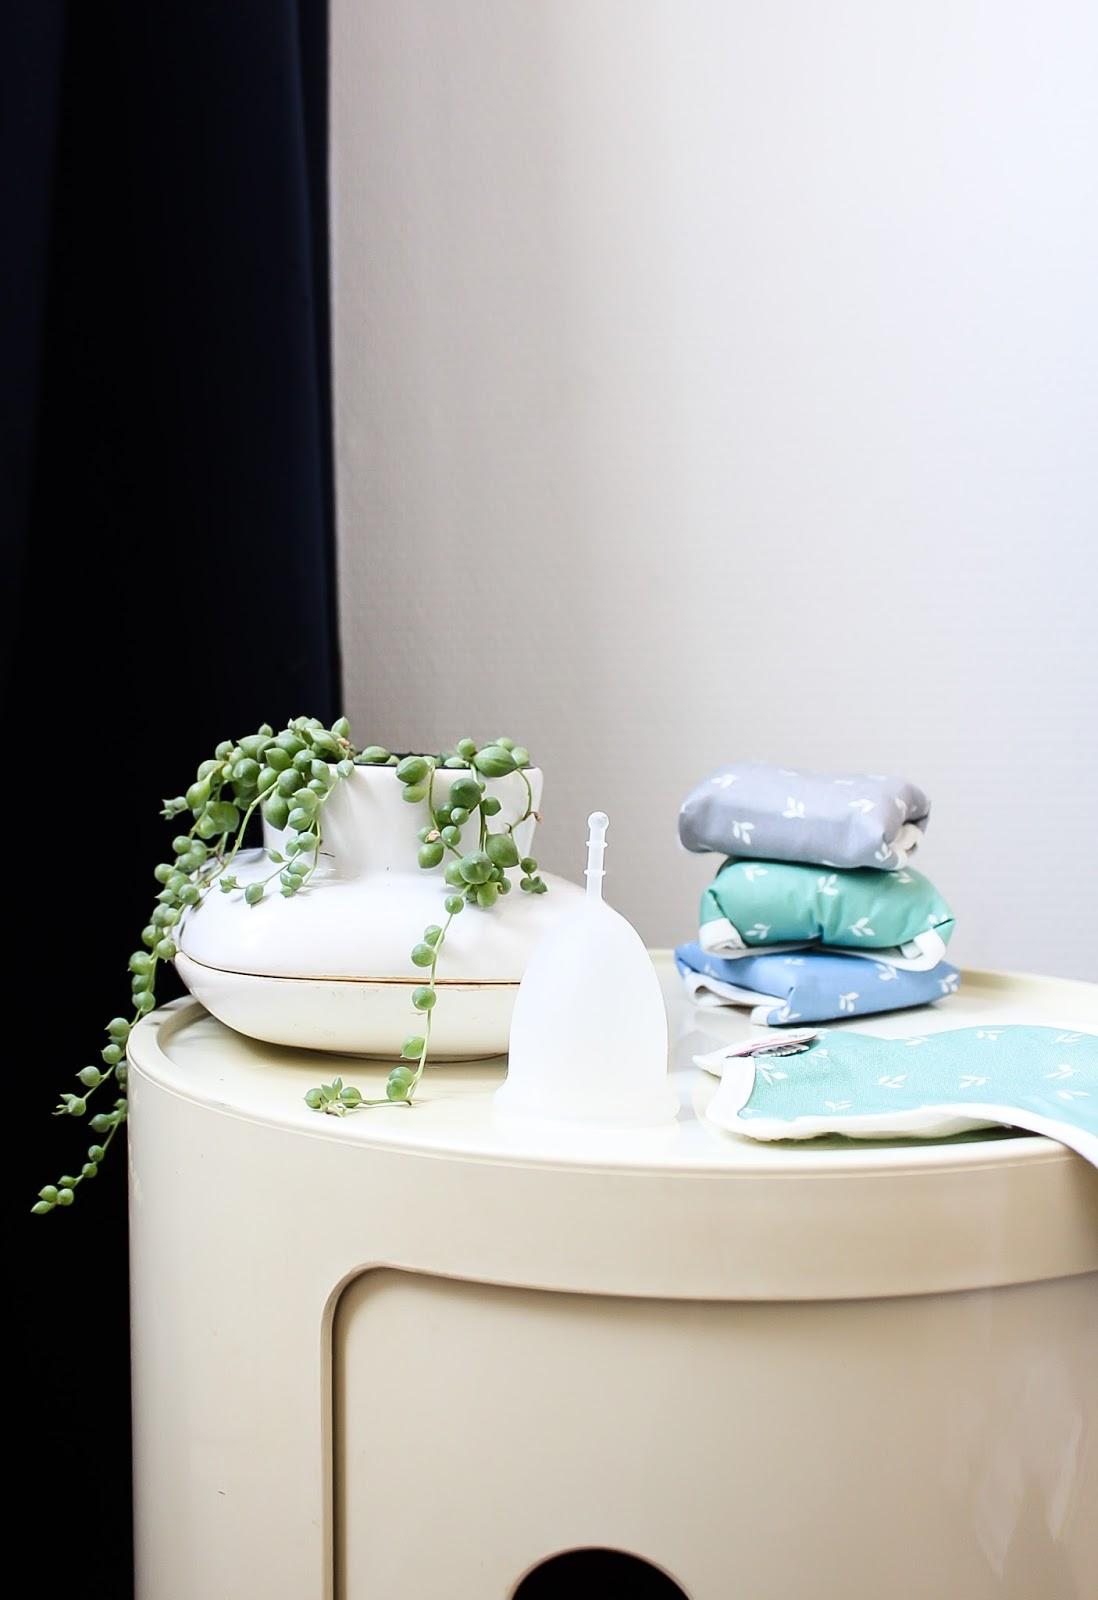 règles alternatives saines zero dechet tampons serviettes hygiéniques lavables cup